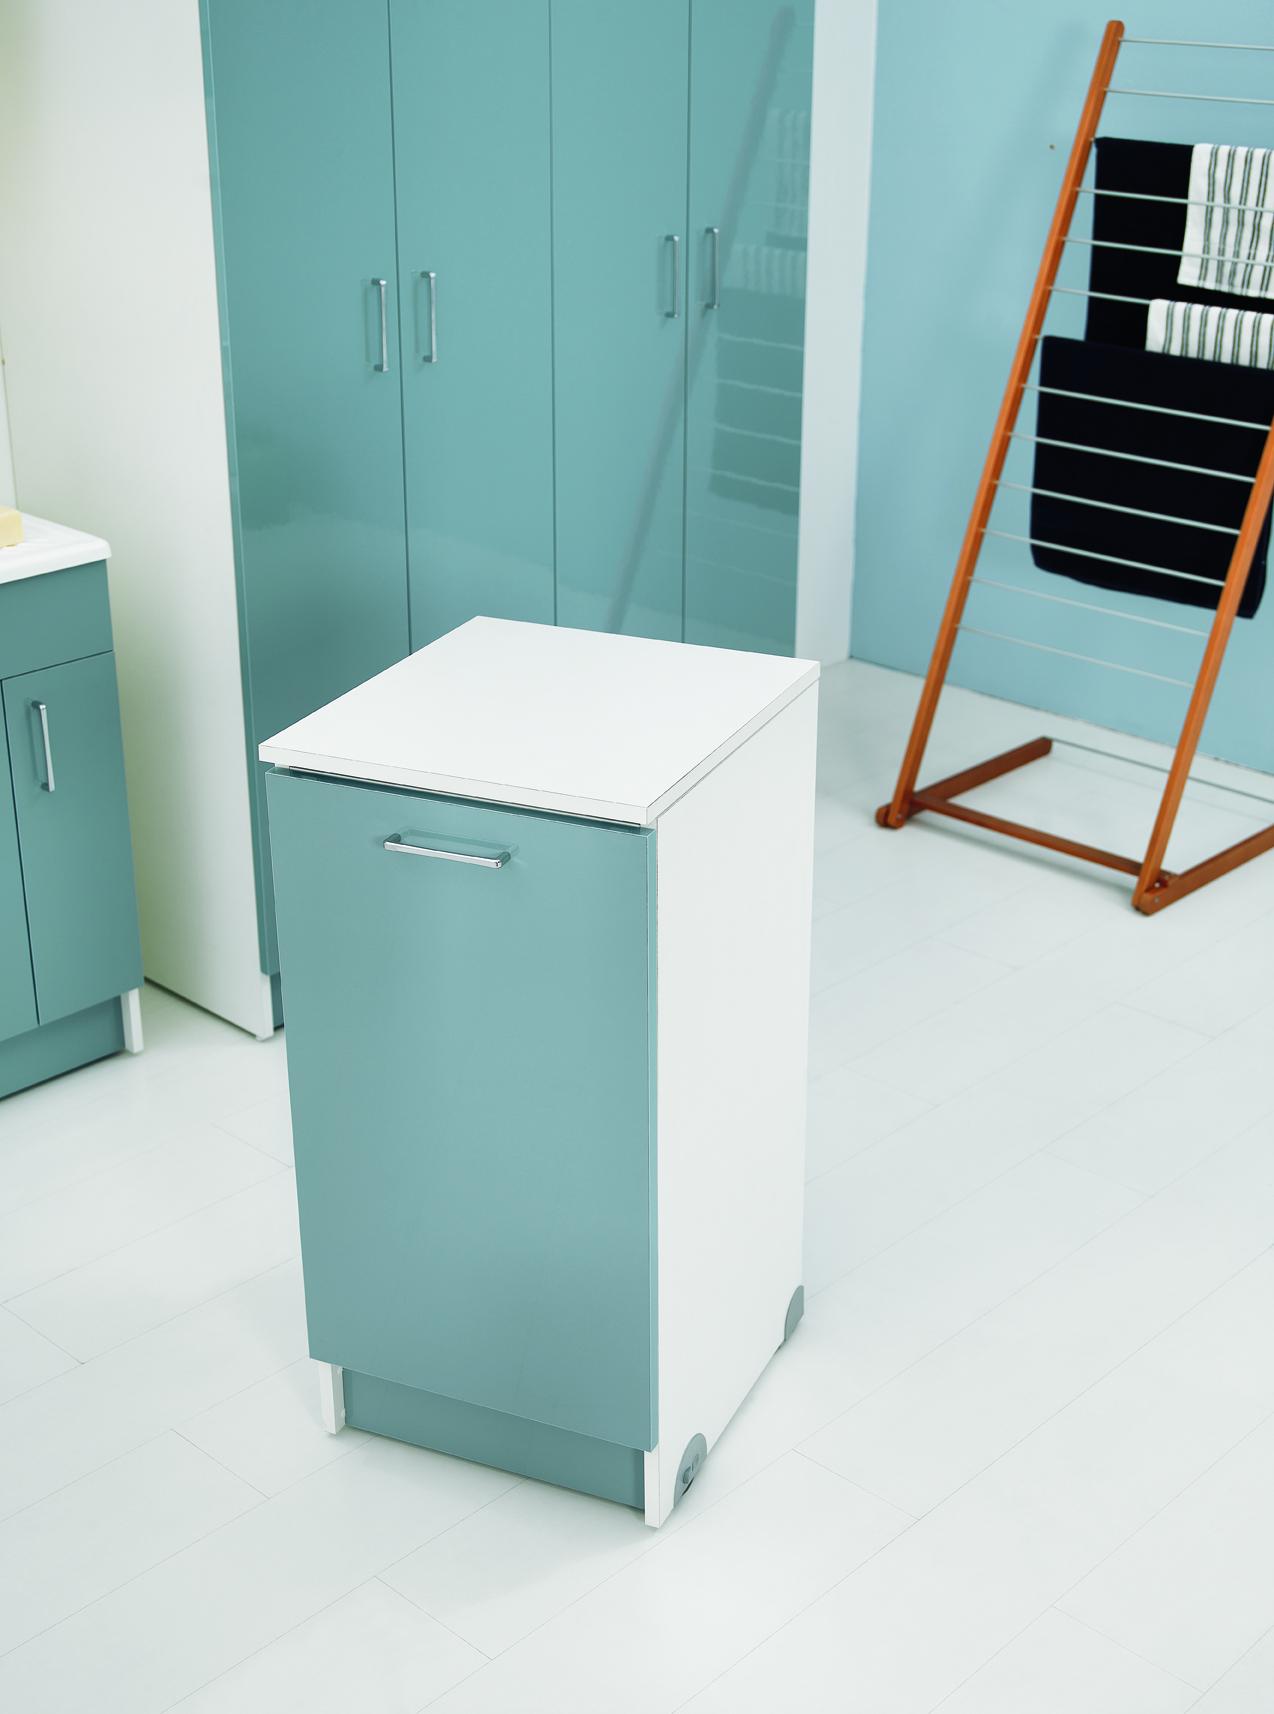 Mobile A Rotelle Con Asse Da Stiro Estraibile 45x50x90 Wash # Mobiletto Cucina Color Melanzana